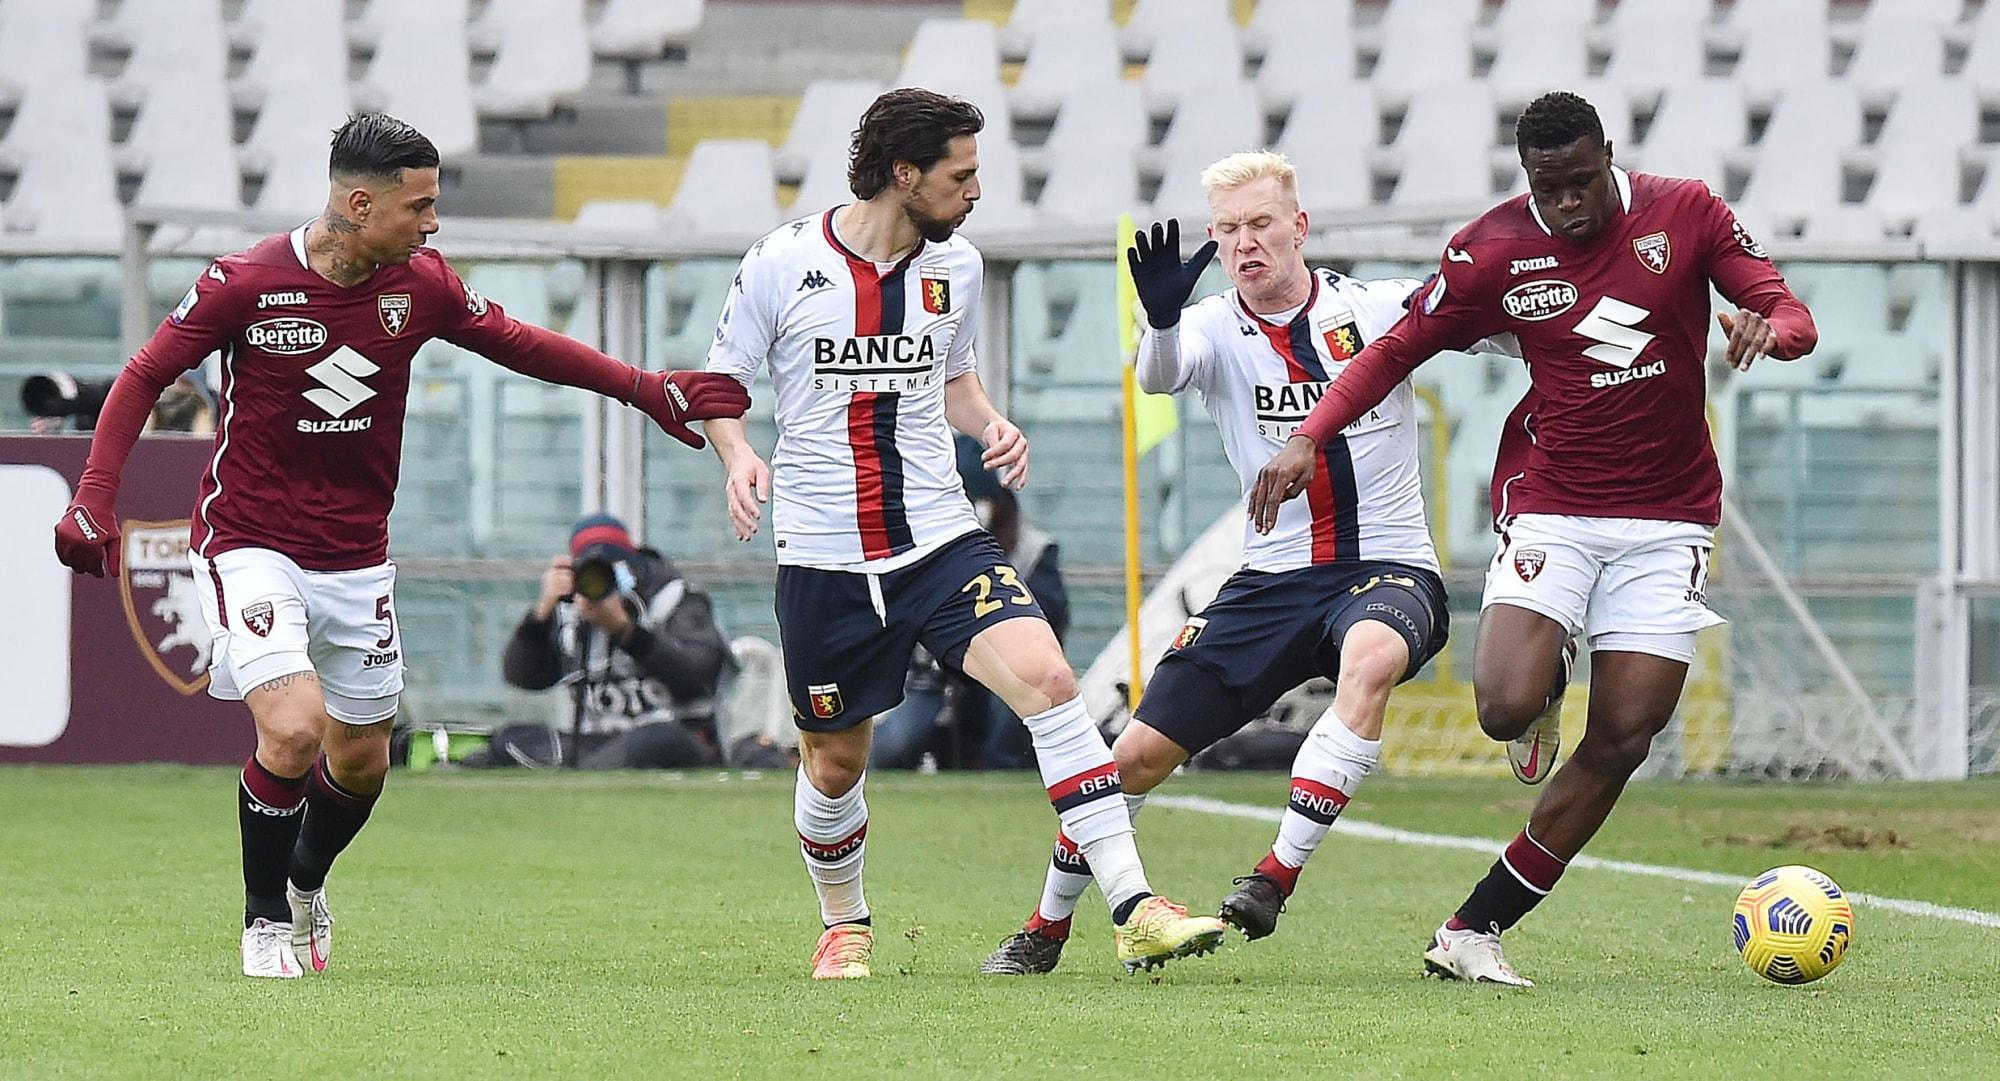 Il Torino pareggia ancora e frena il Genoa: 0-0 il finale